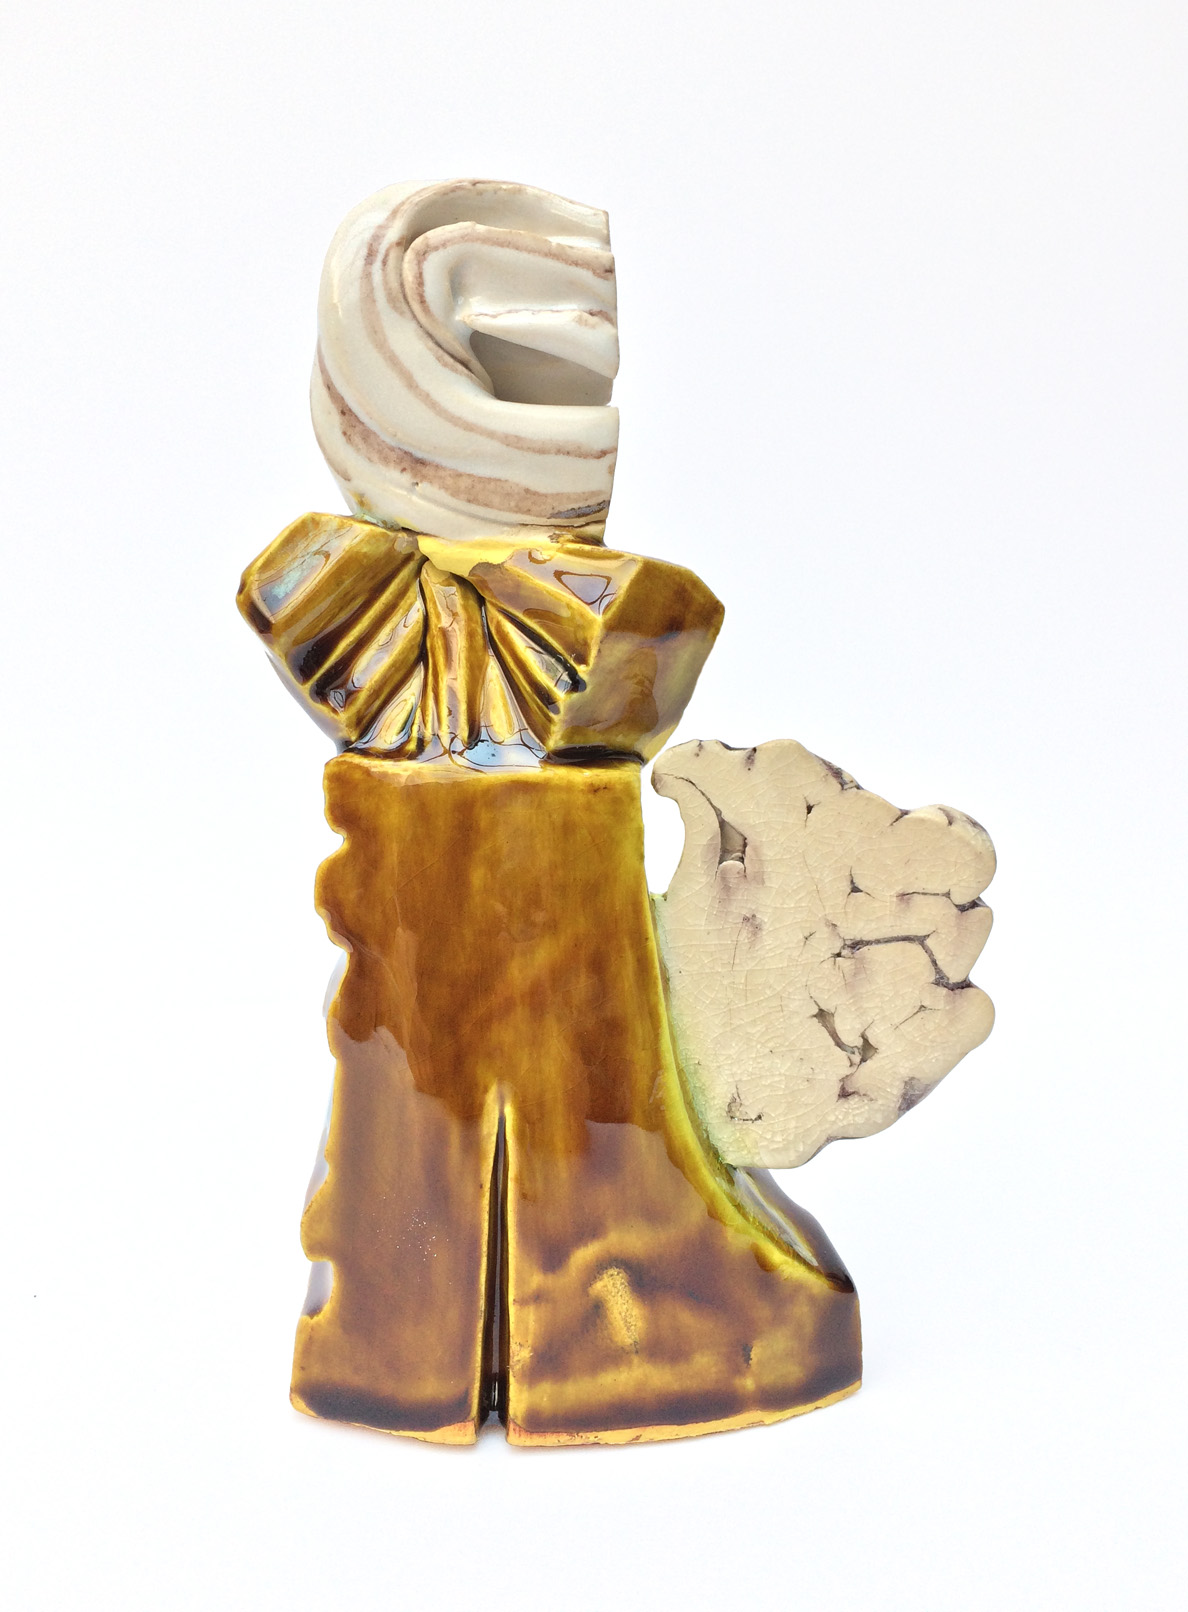 Ophelia - H 17cm x W 11cm